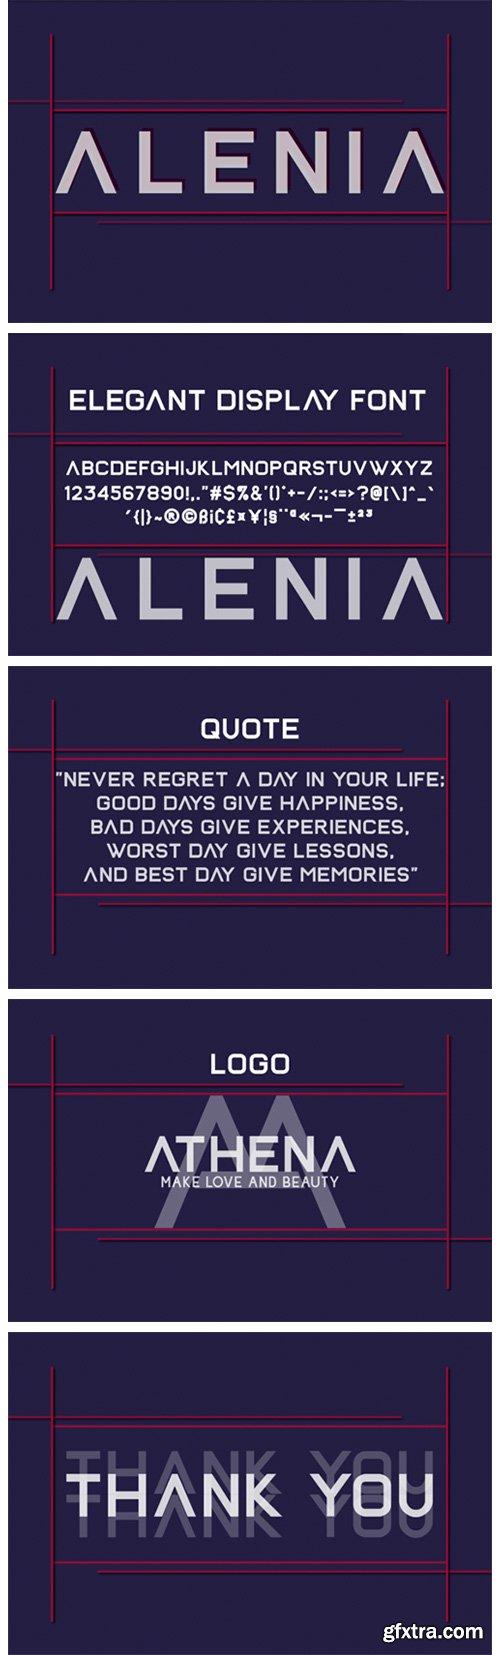 Alenia Font